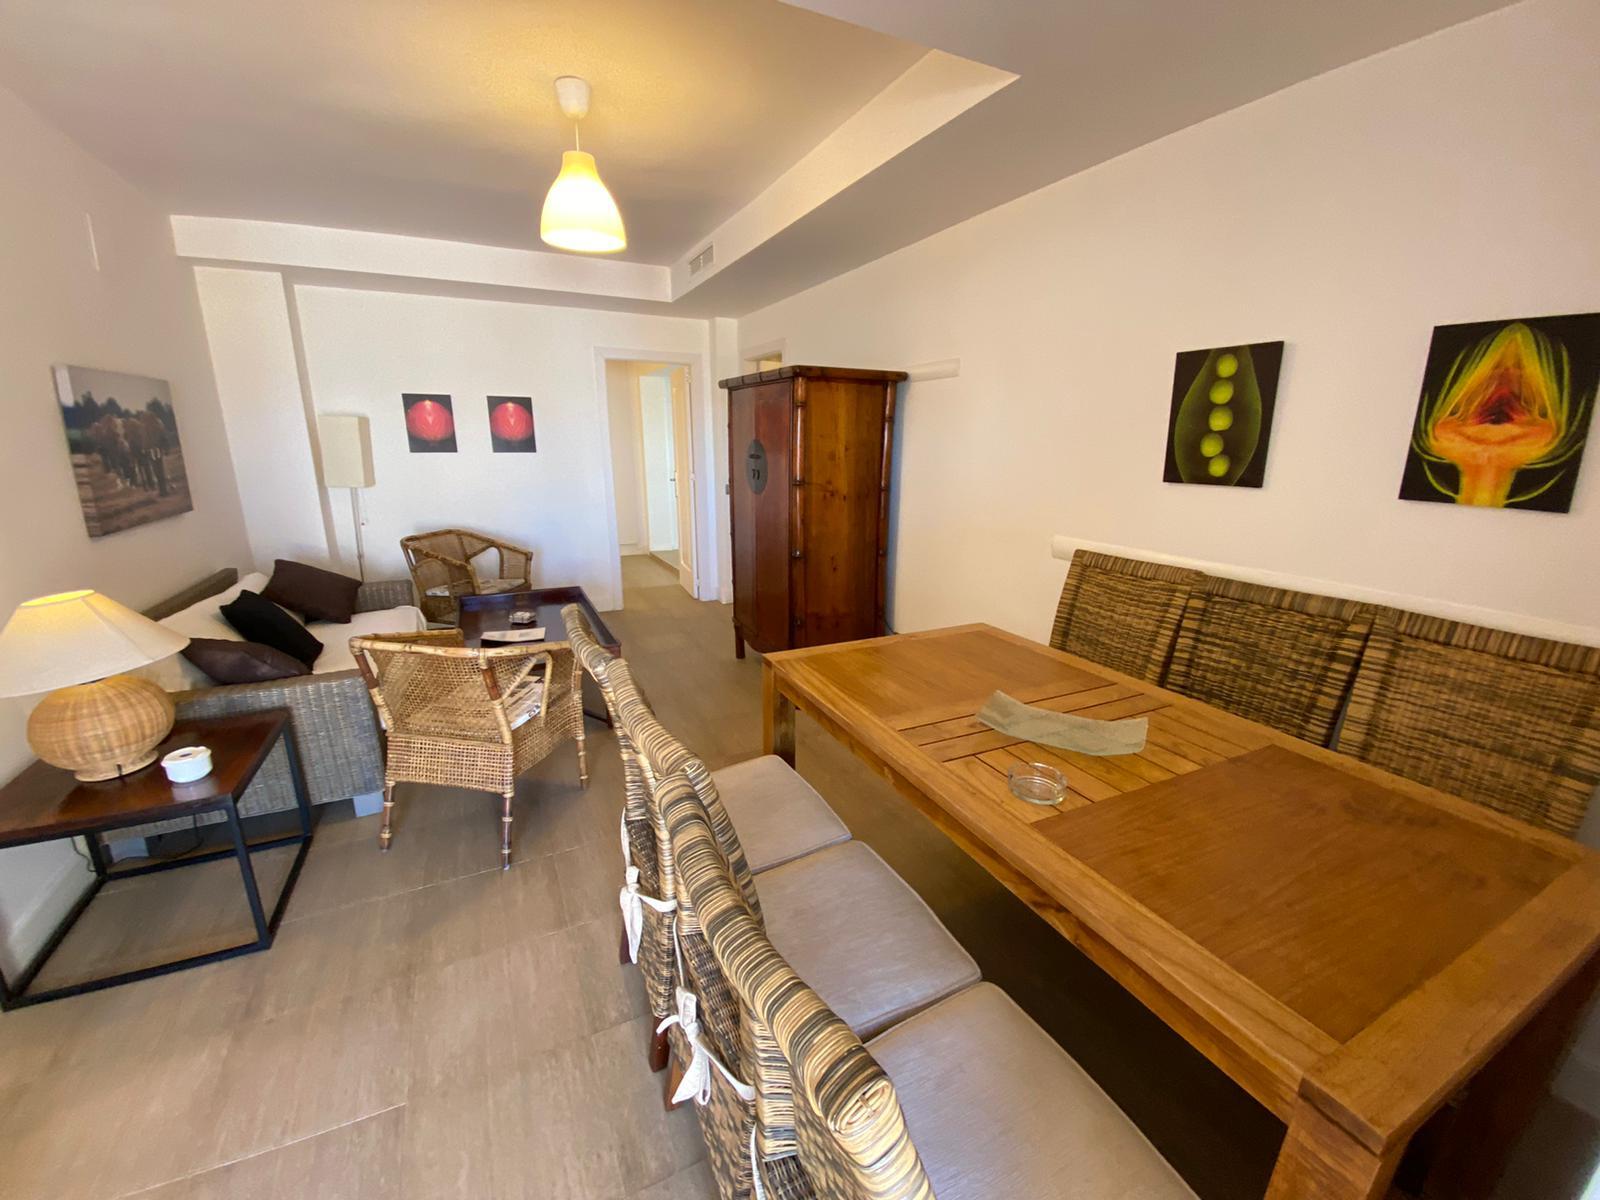 Imagen 2 del Apartamento Turístico, Ático 8 Poniente (3d+2b), Punta del Moral (HUELVA), Paseo de la Cruz nº22